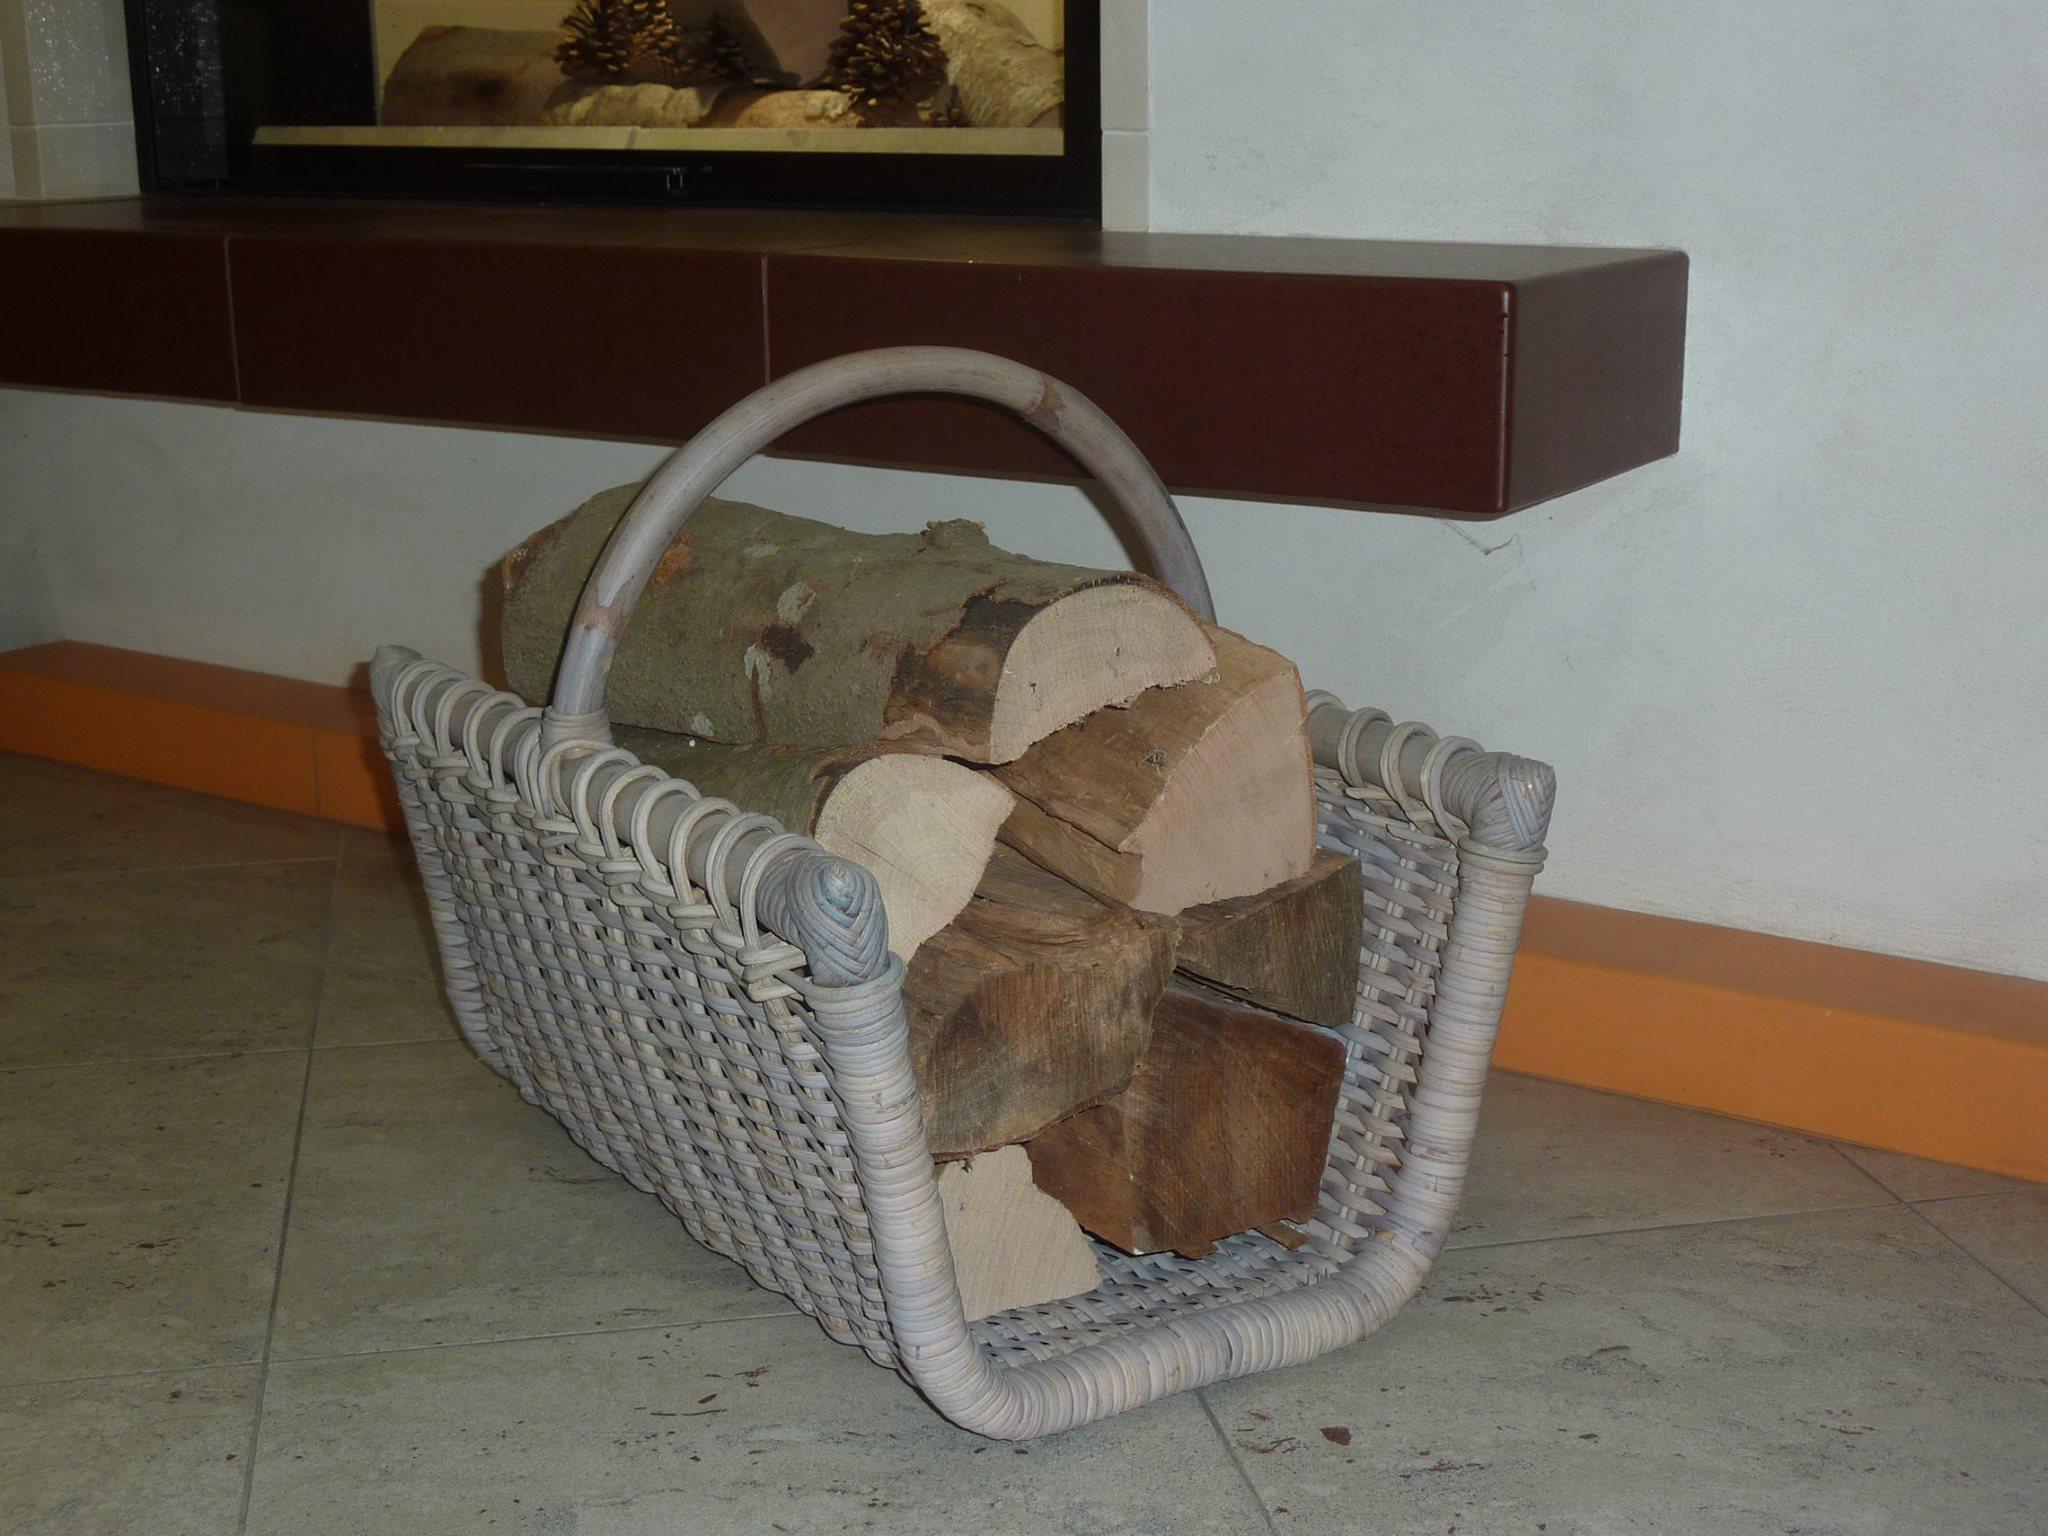 Accessoires Keiflin et Fils : Rangement bois Ciao